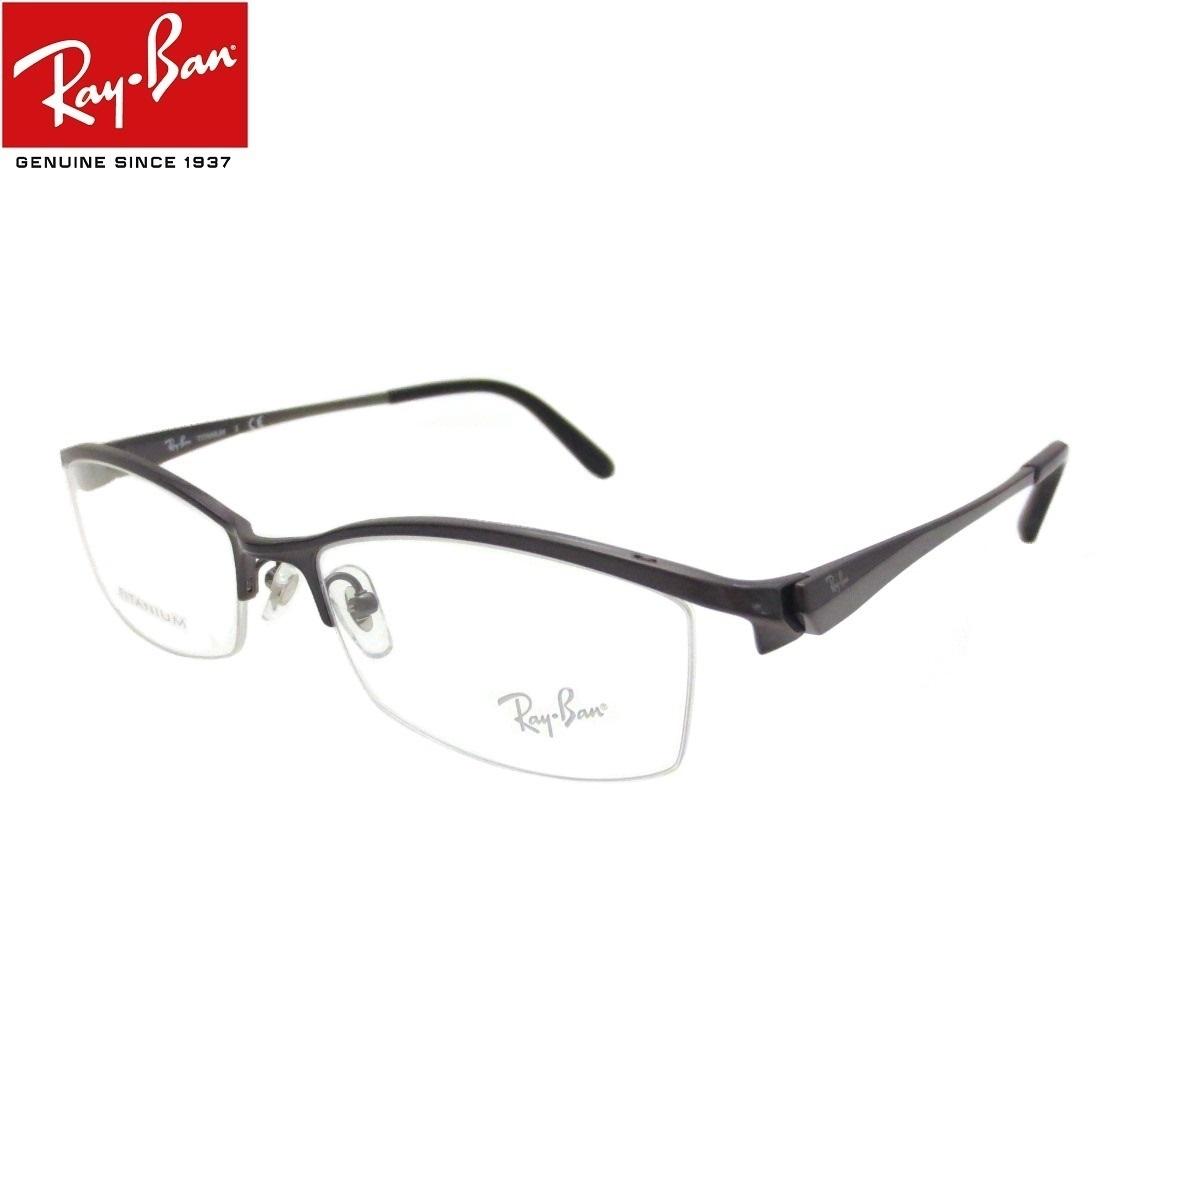 正規商品販売店 レイバン ダテメガネは13:00までのご注文で即日出荷OKメガネ 度付き 老眼鏡 UVカットレンズ付 だてめがね 度付きメガネも追加料金なしでOK ポイント20倍2019/12/10AM09:59までUVカットレンズ付 レイバン 伊達メガネ UV400レンズ付メガネ メガネフレーム眼鏡 Ray-Ban メガネ RX8723D 1026(55) クリアレンズ 近視 乱視 老眼鏡 ブルーライト【コンビニ受取対応商品】【ミラリジャパンメーカー保証書付】